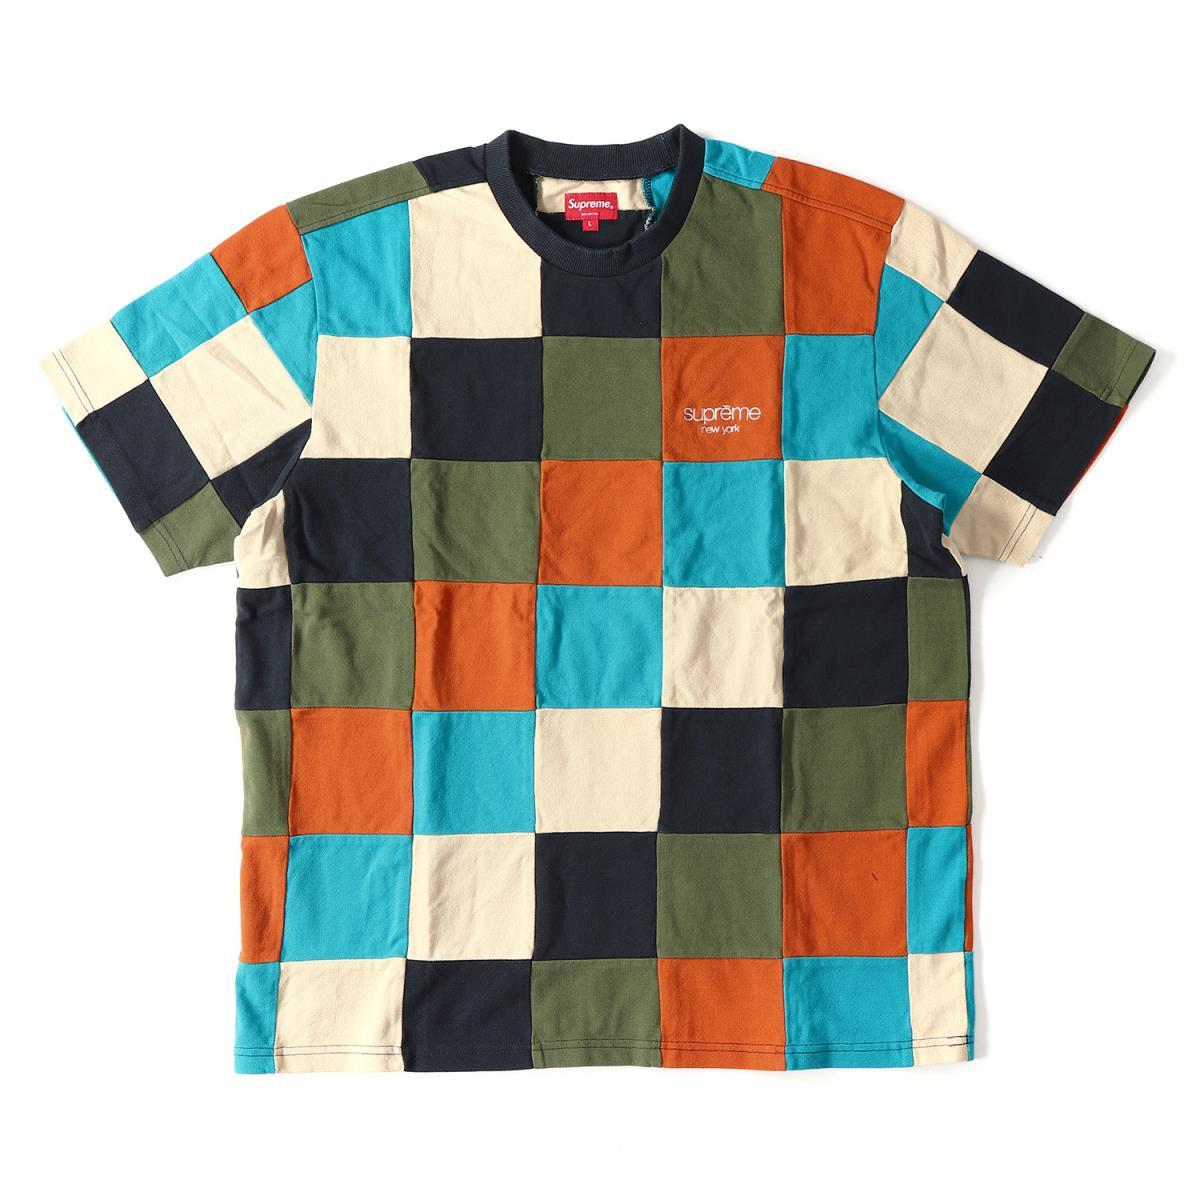 Supreme (シュプリーム) 18A/W クラシックロゴパッチワーク鹿の子Tシャツ(Patchwork Pique Tee) ネイビー L 【メンズ】【K2024】【あす楽☆対応可】